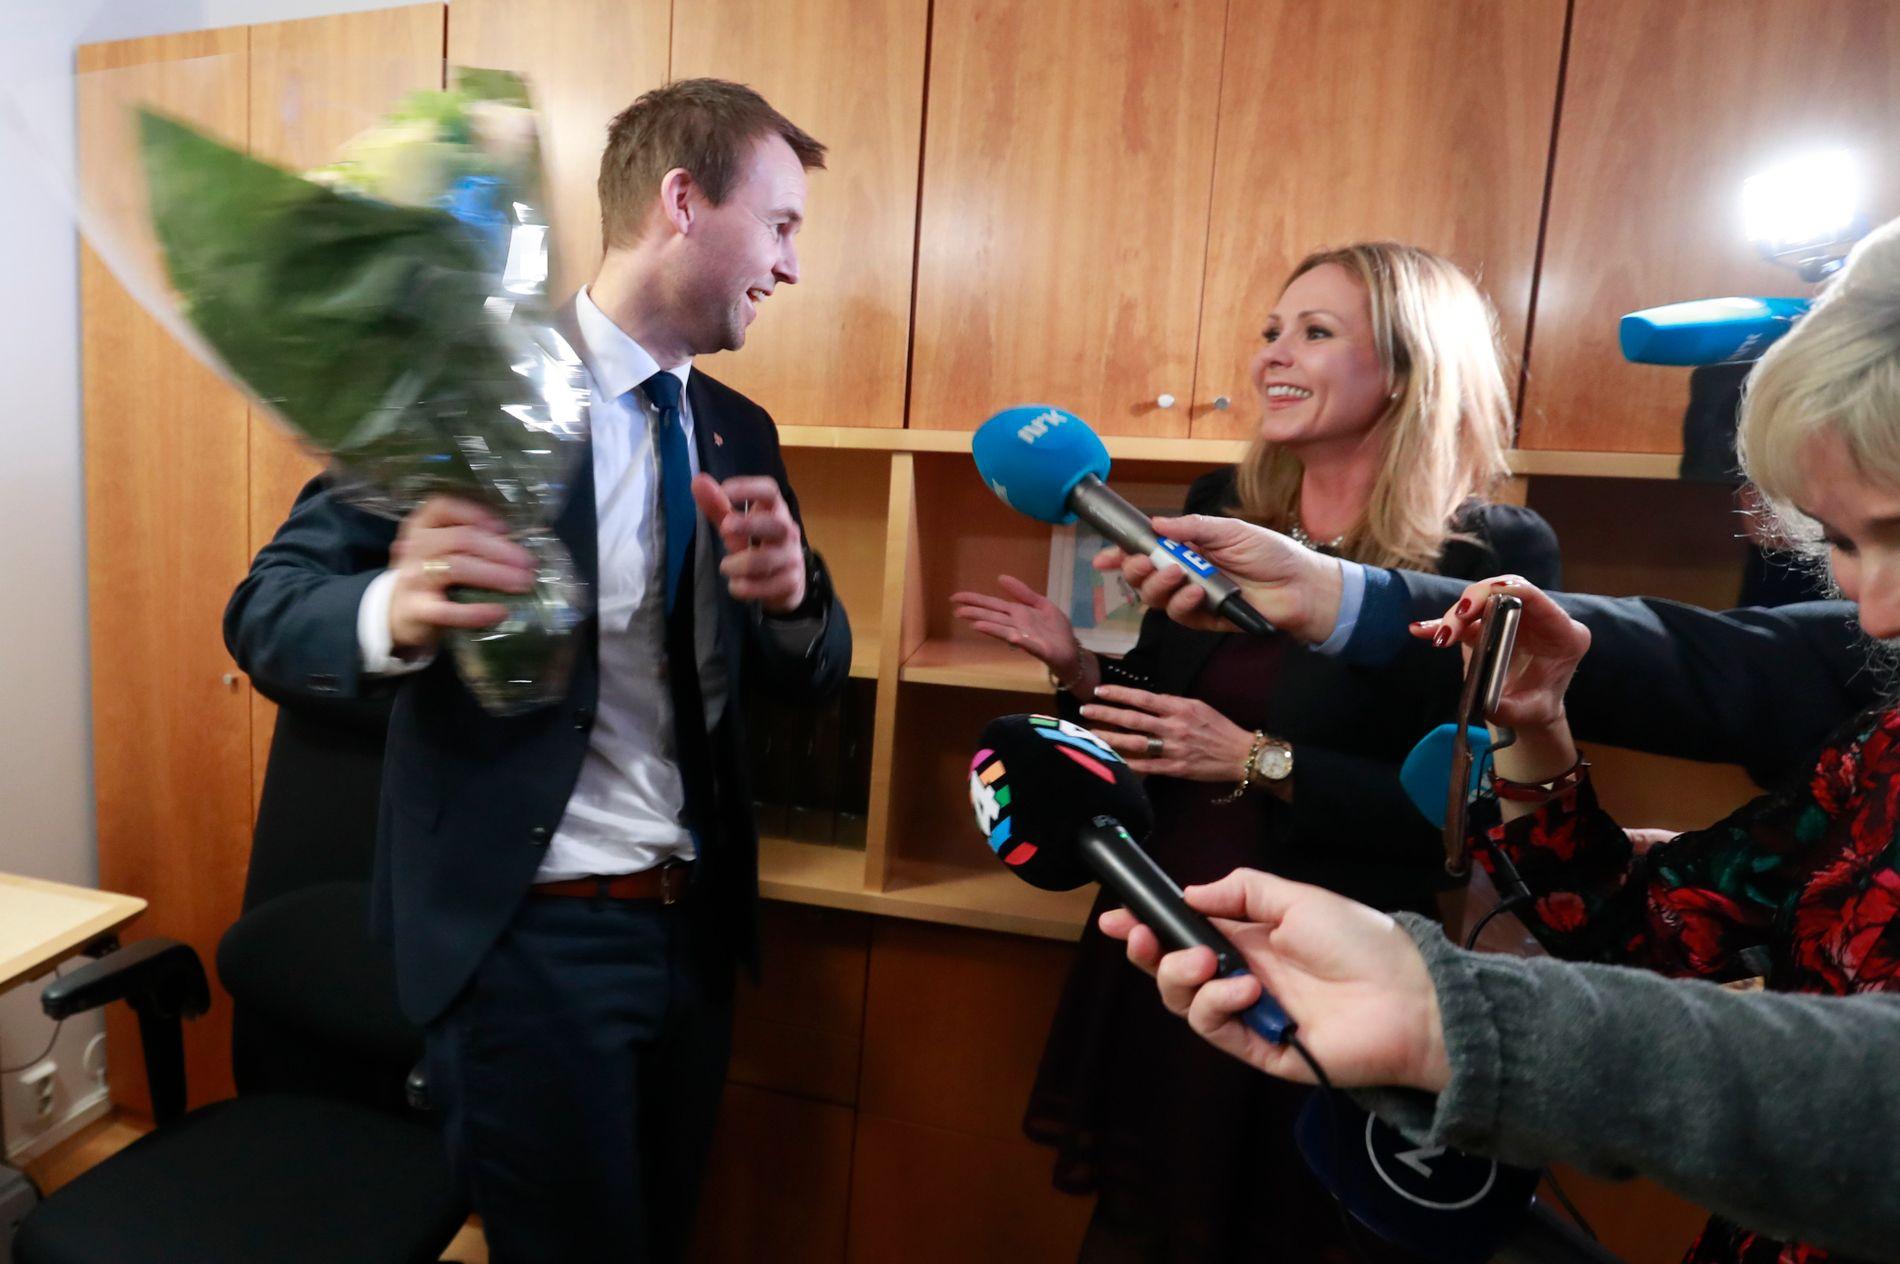 EN INN, EN UT: Kjell Ingolf Ropstad fikk blomster av Linda Hofstad Helleland da han overtok kontoret hennes.